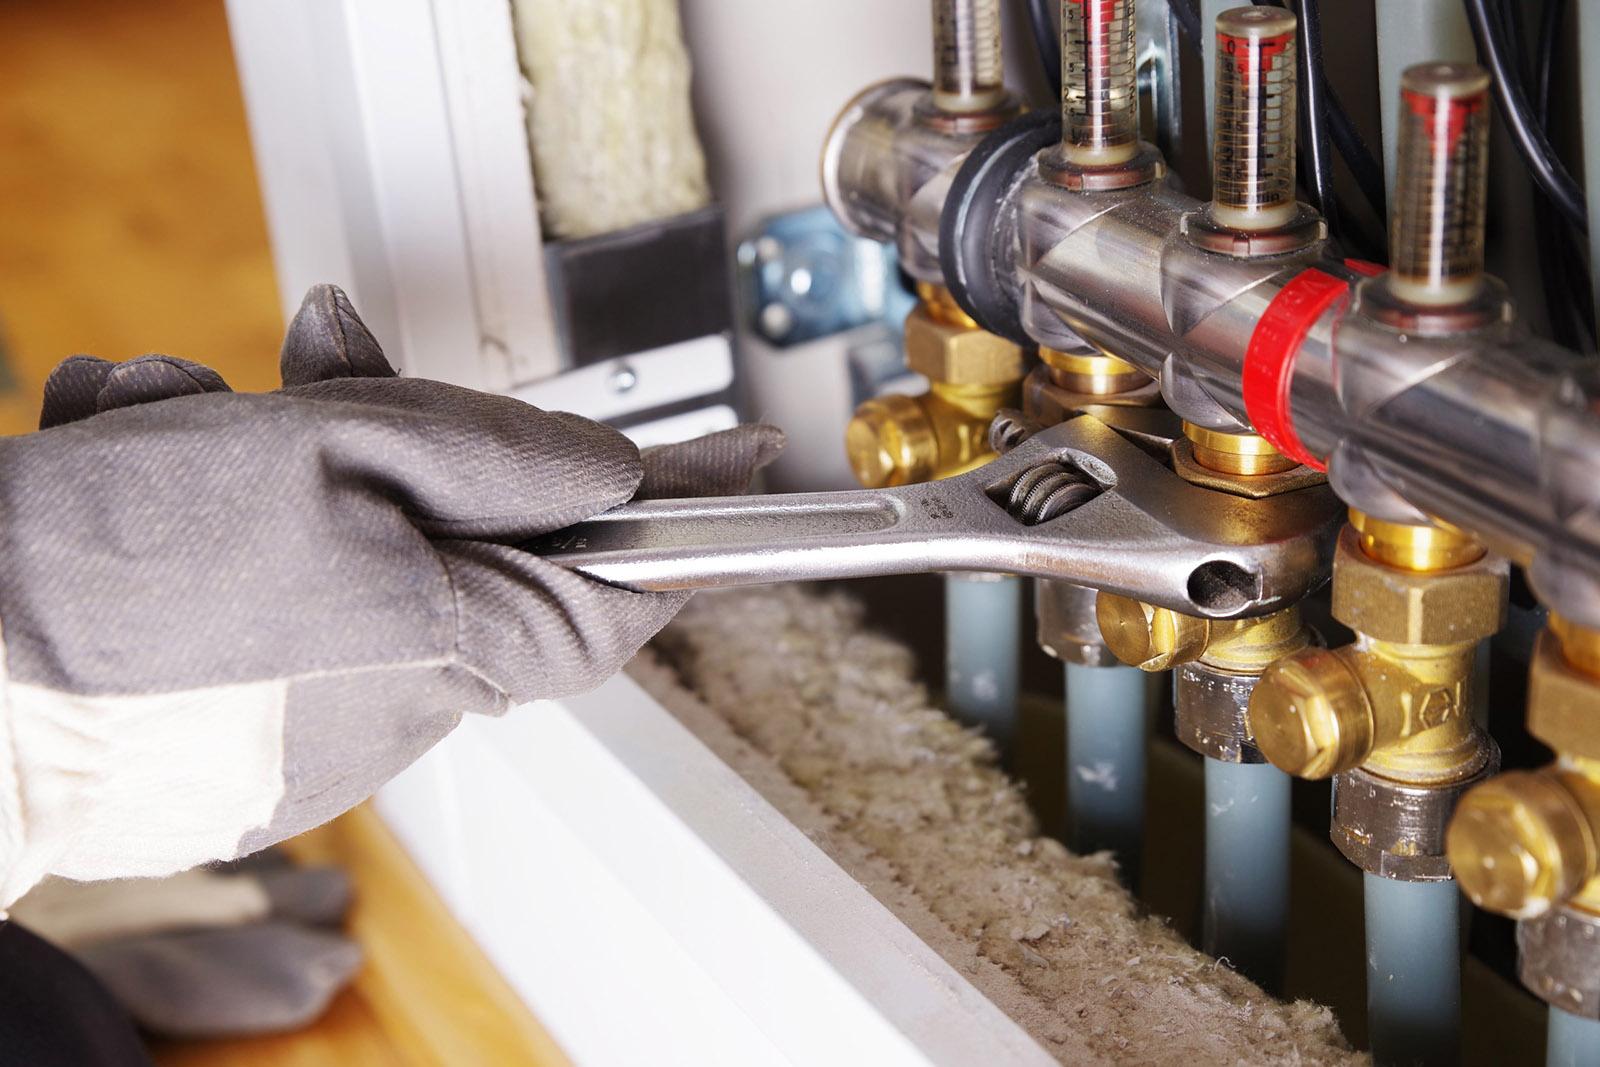 conto-termico-sostituzione-parziale-impianto-termico